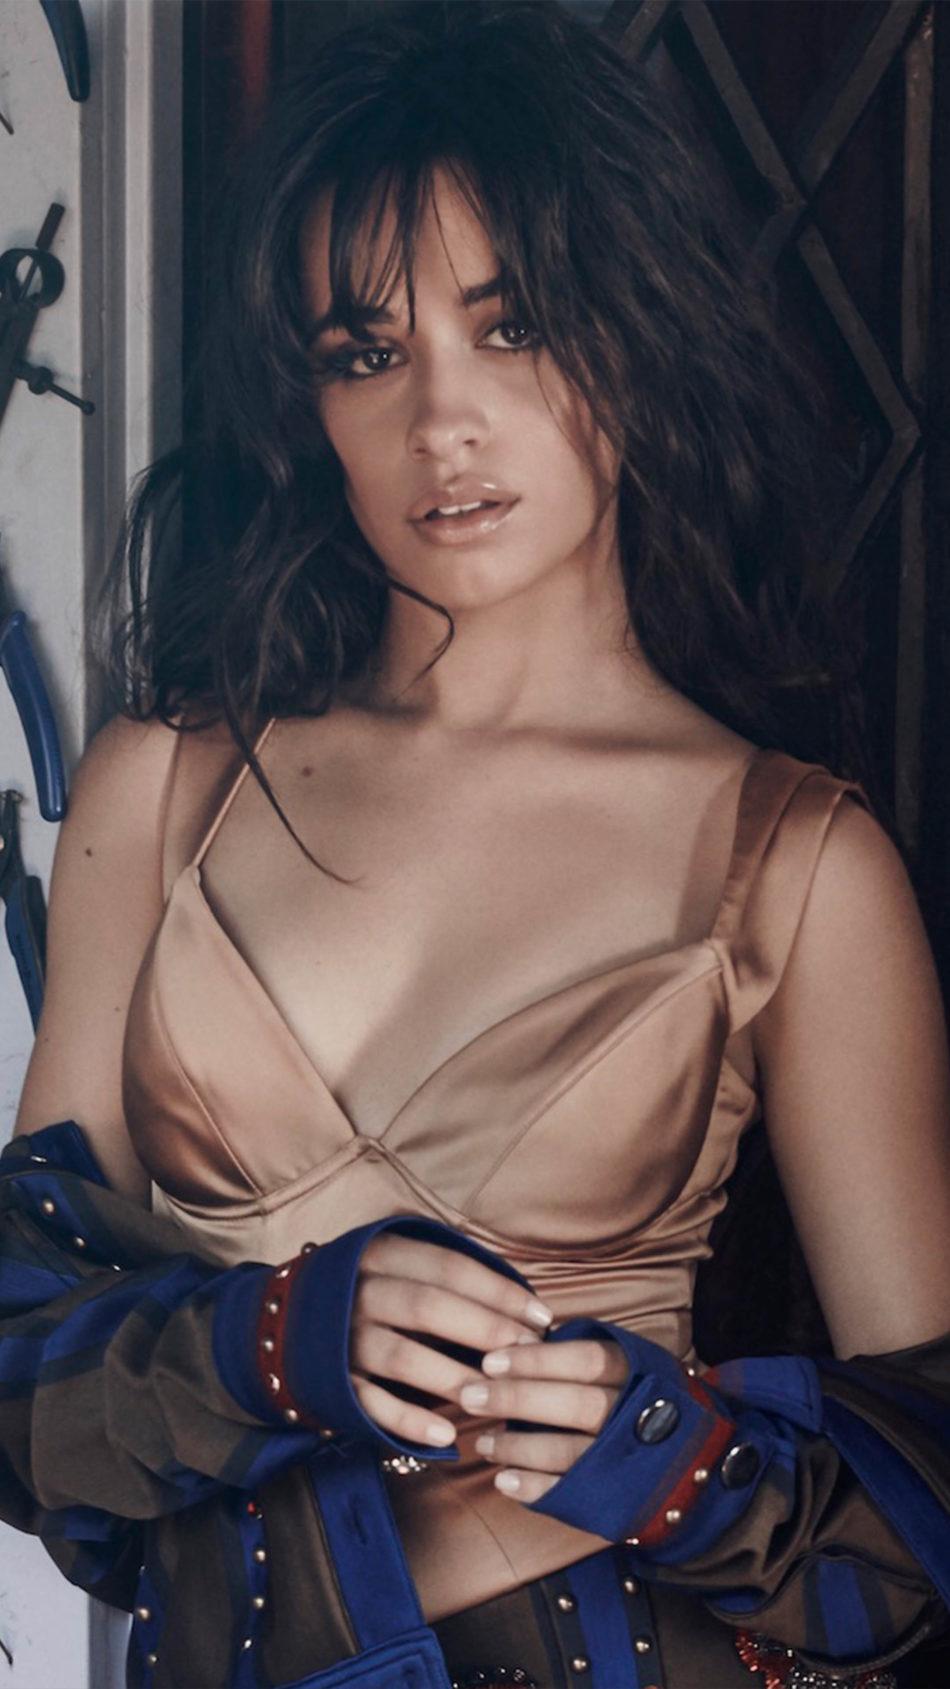 Camila Cabello Hot Photoshoot 2020 4K Ultra HD Mobile Wallpaper